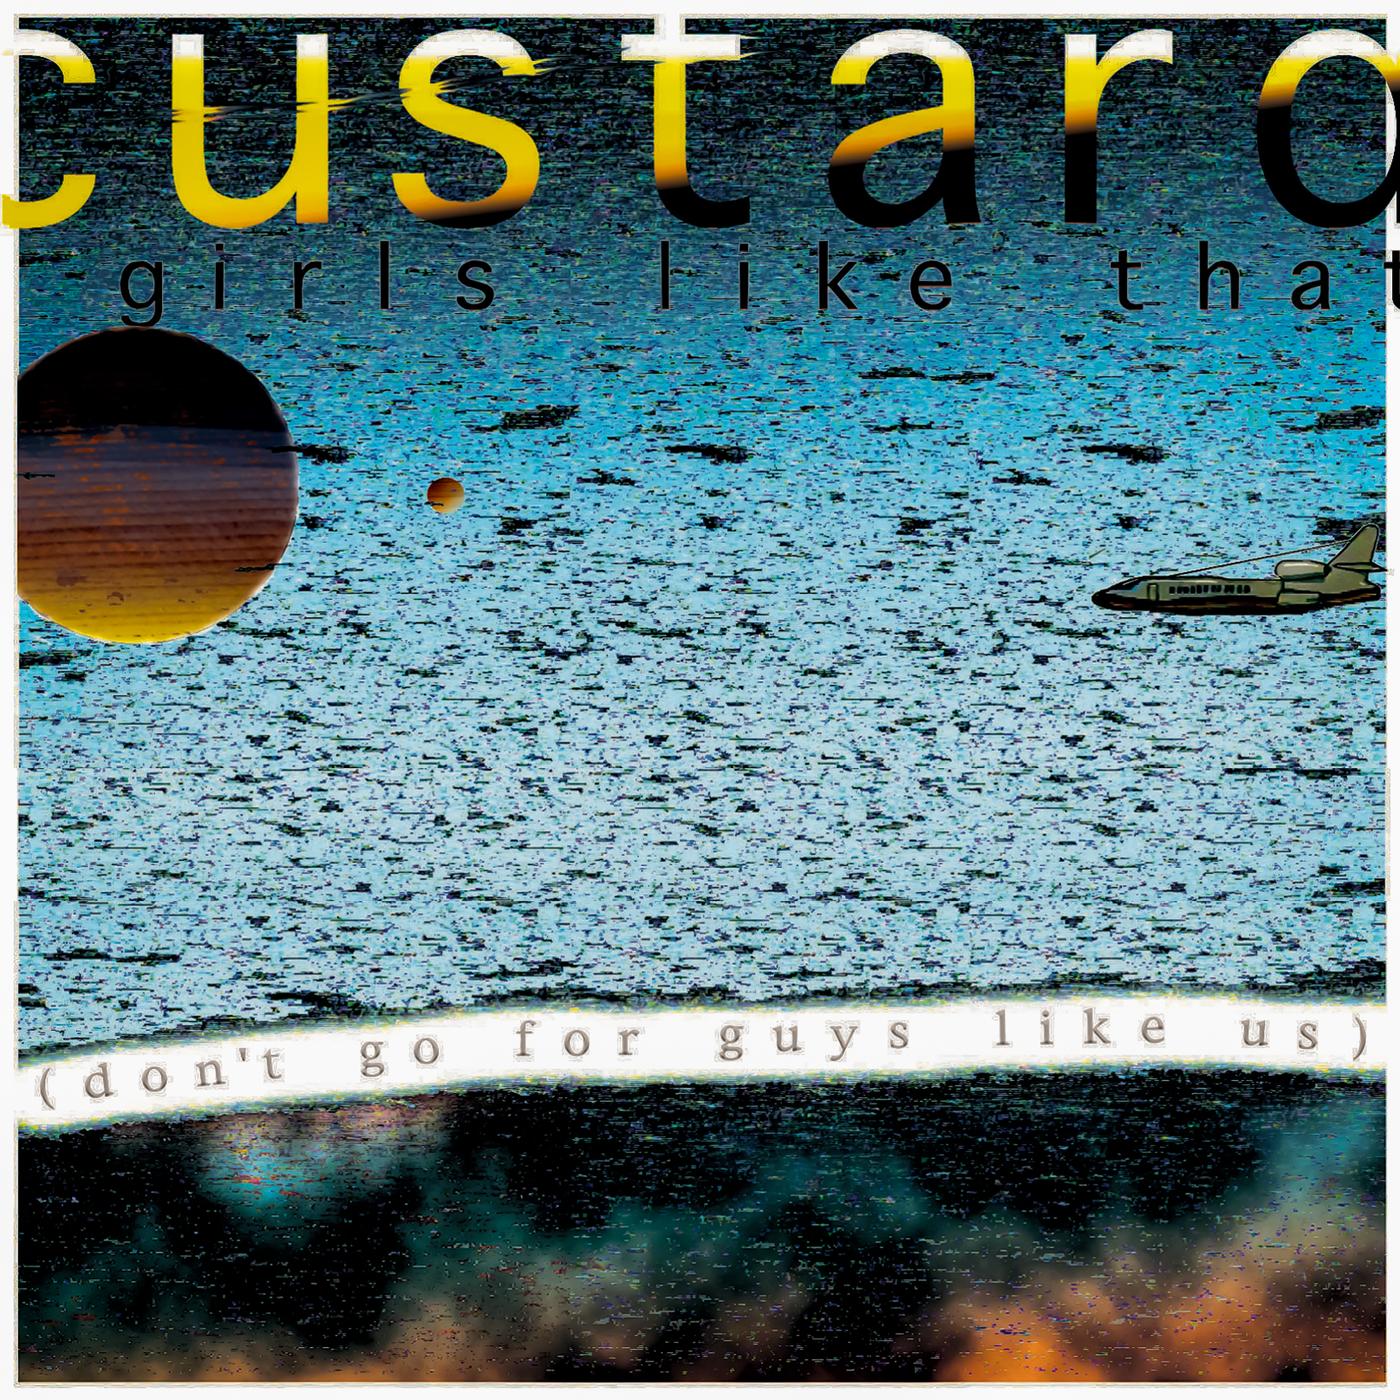 Girls Like That (Don't Go for Guys Like Us) - Custard